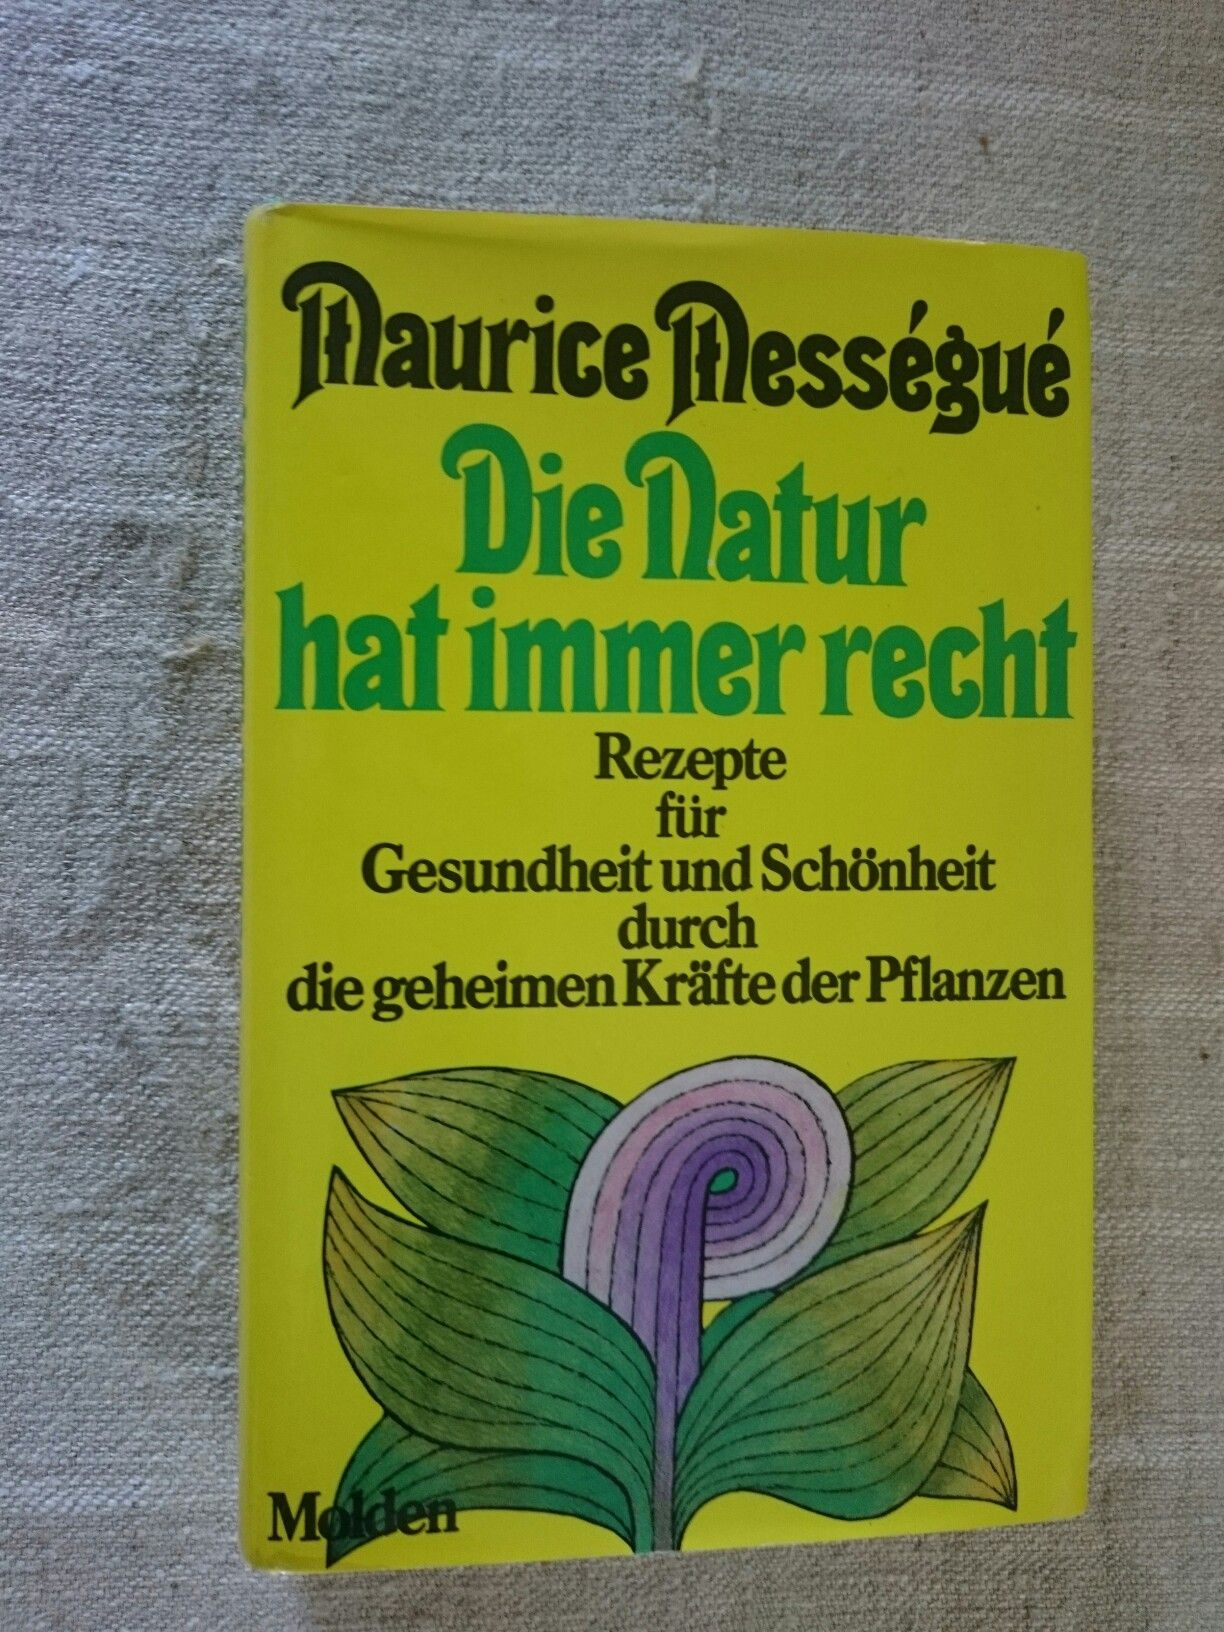 Pin Von Sylvia Schmidt Auf Interresante Bucher Bucher Pflanzen